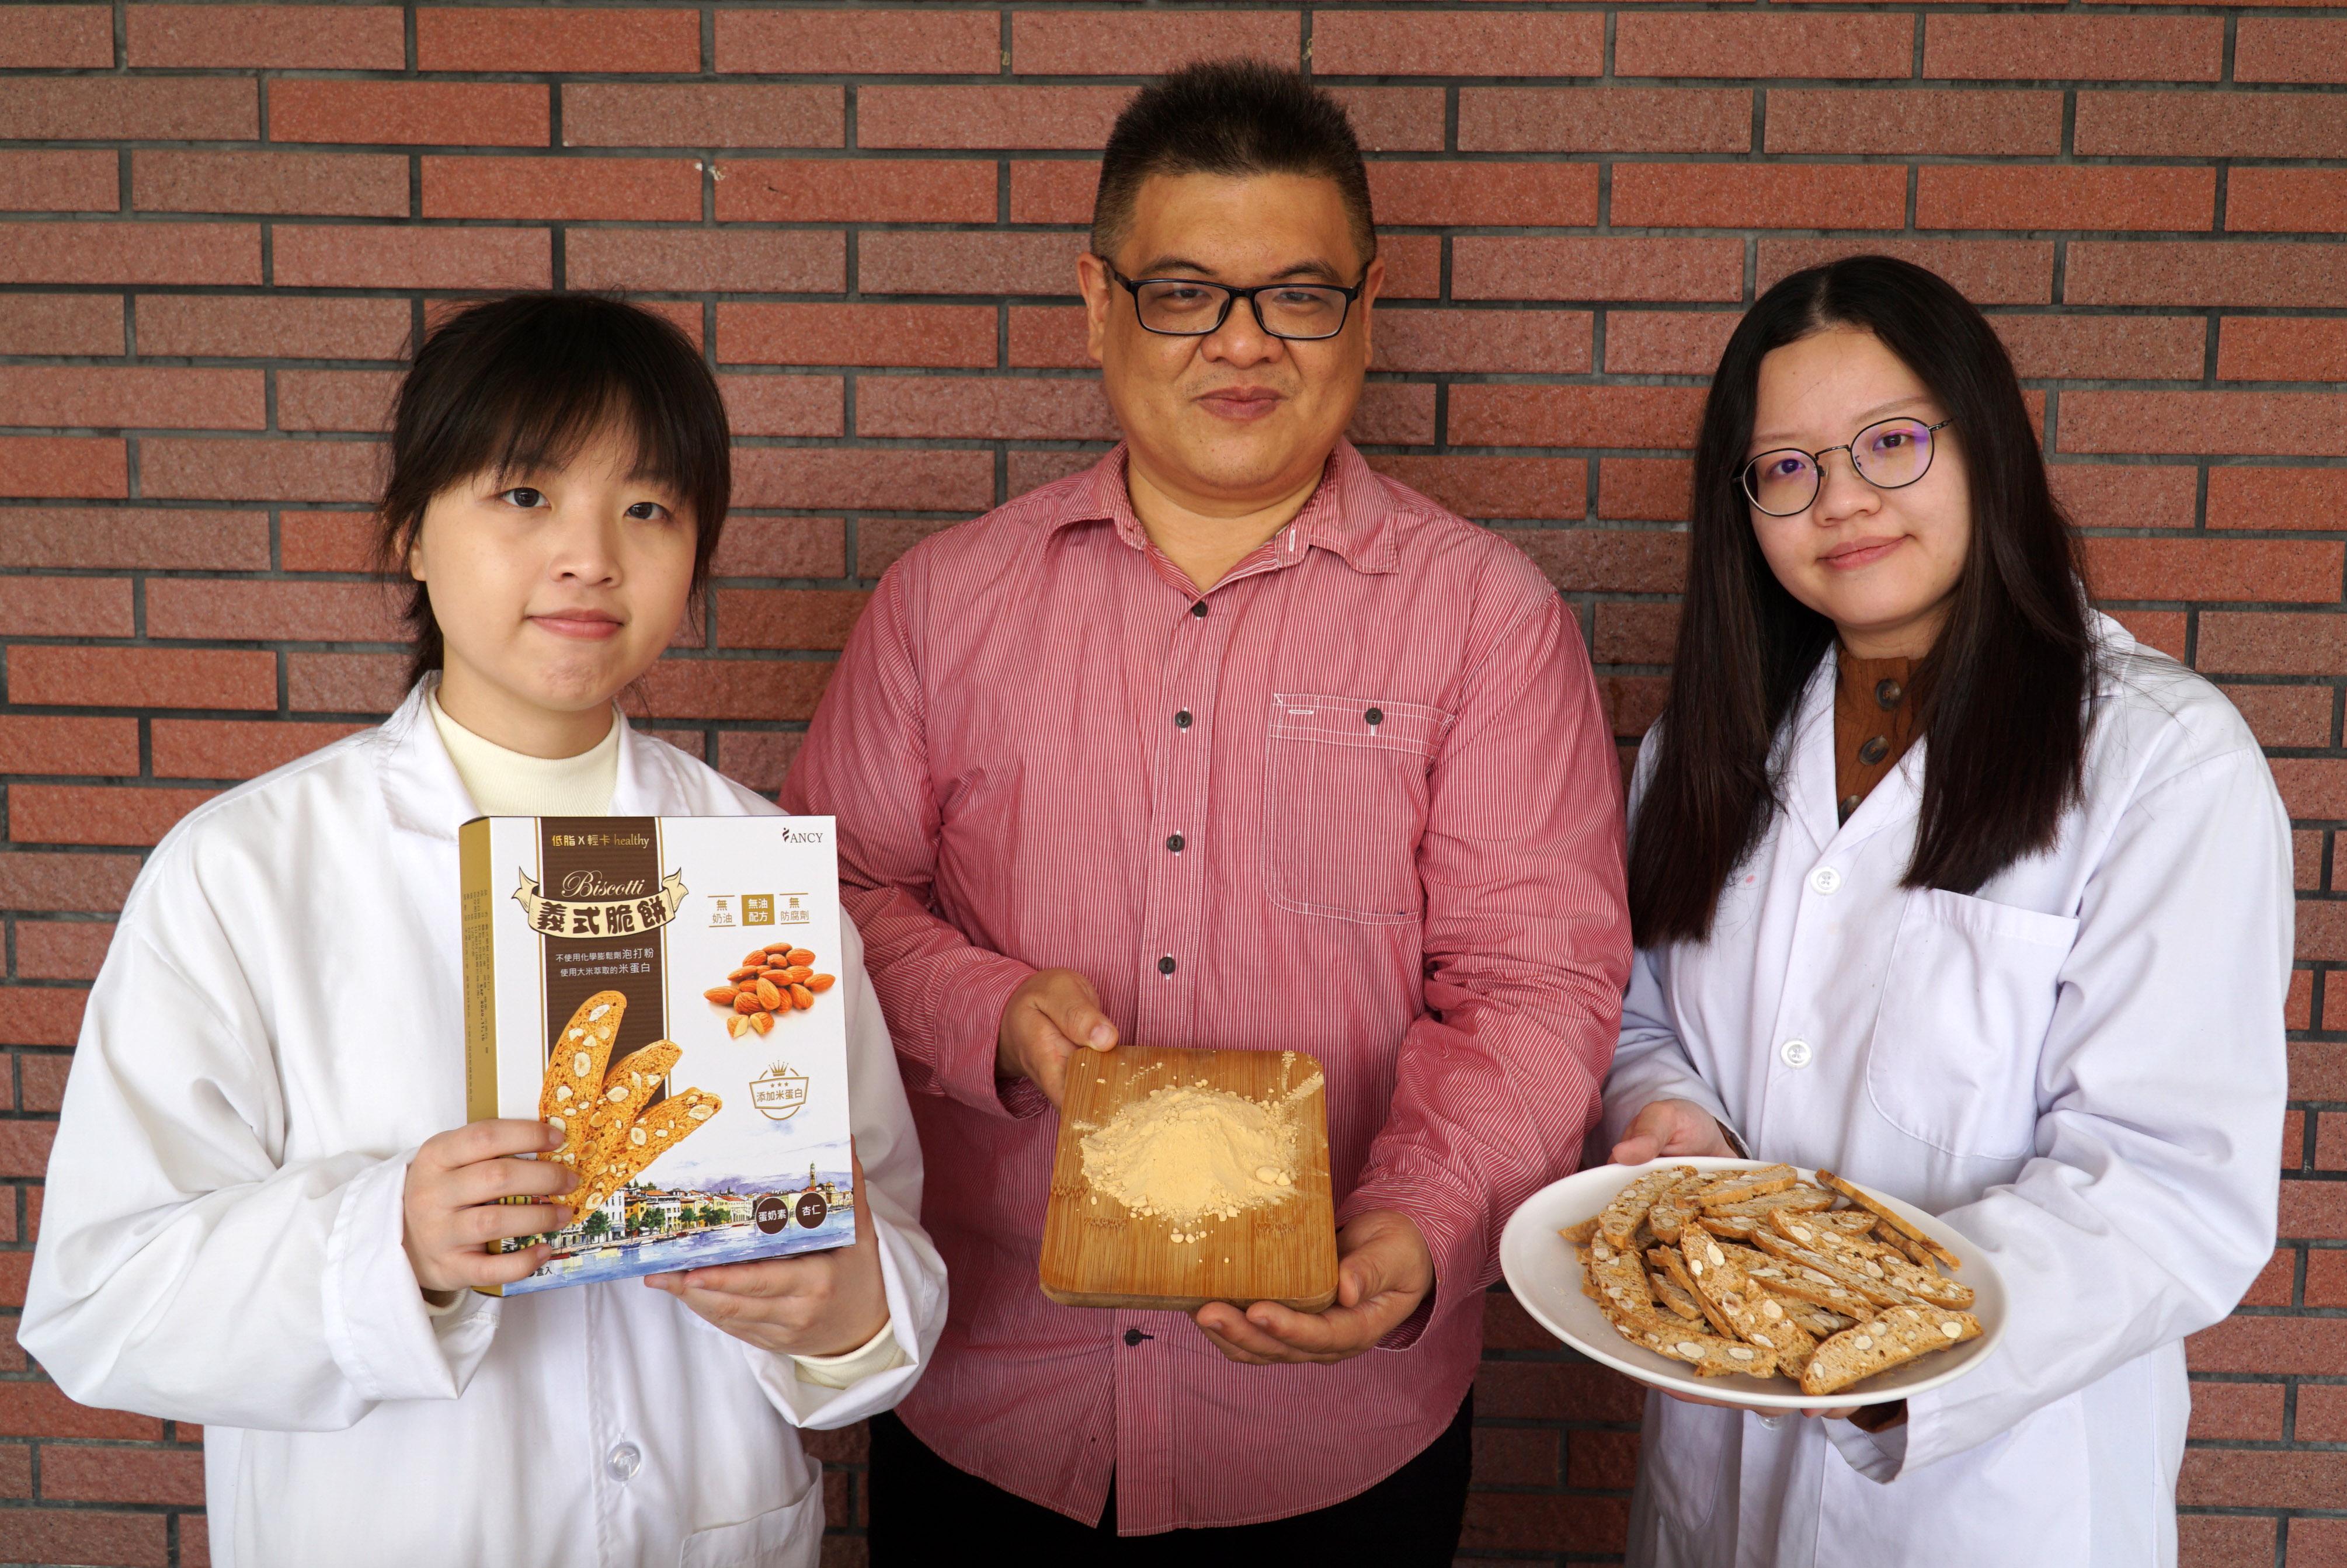 大葉大學藥保系與菲采國際產學合作  開發米蛋白義式脆餅-大葉大學藥用植物與保健學系